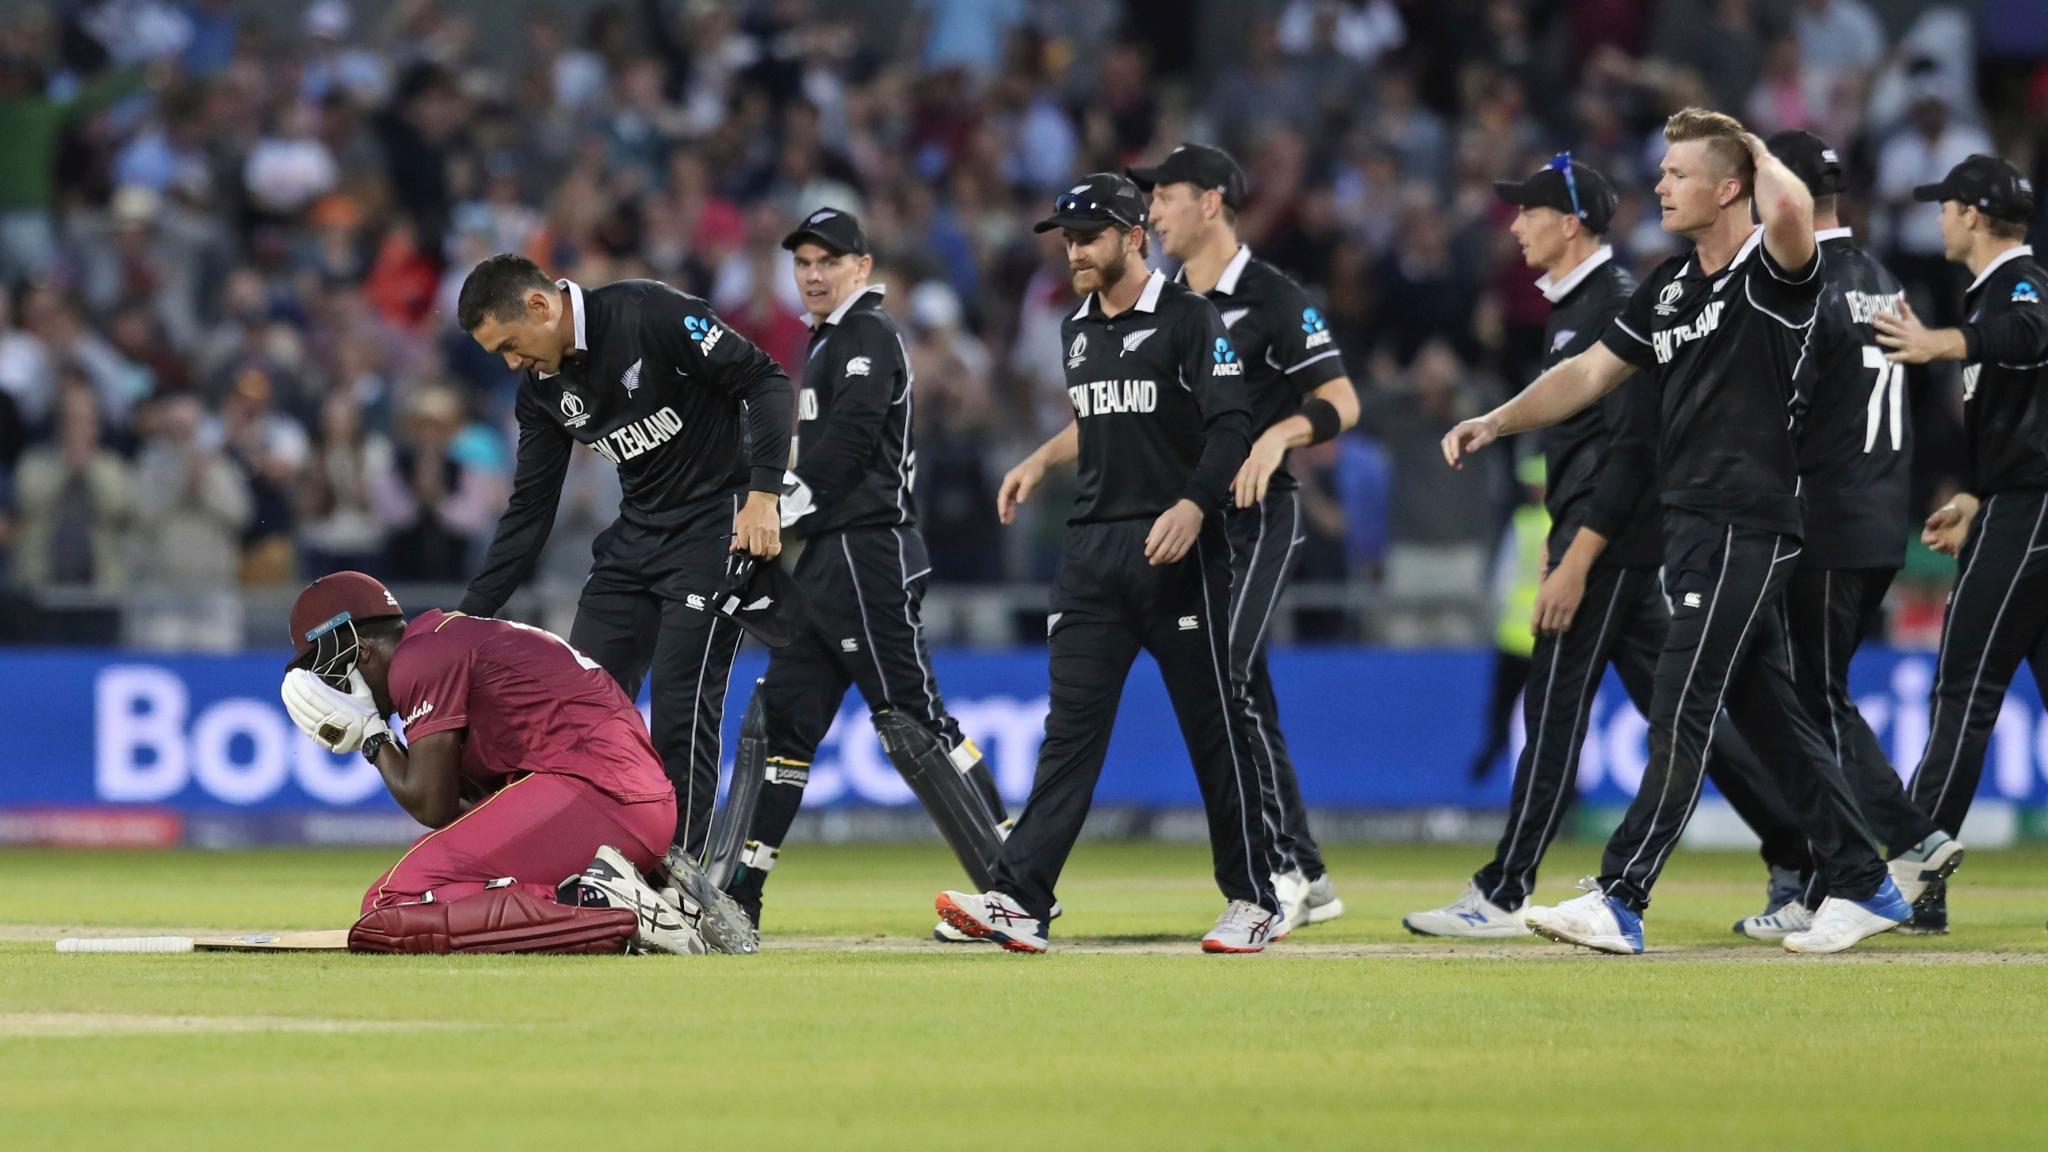 Brathwaite Scores Ton But New Zealand Sneak a 5-Run Win Over WI